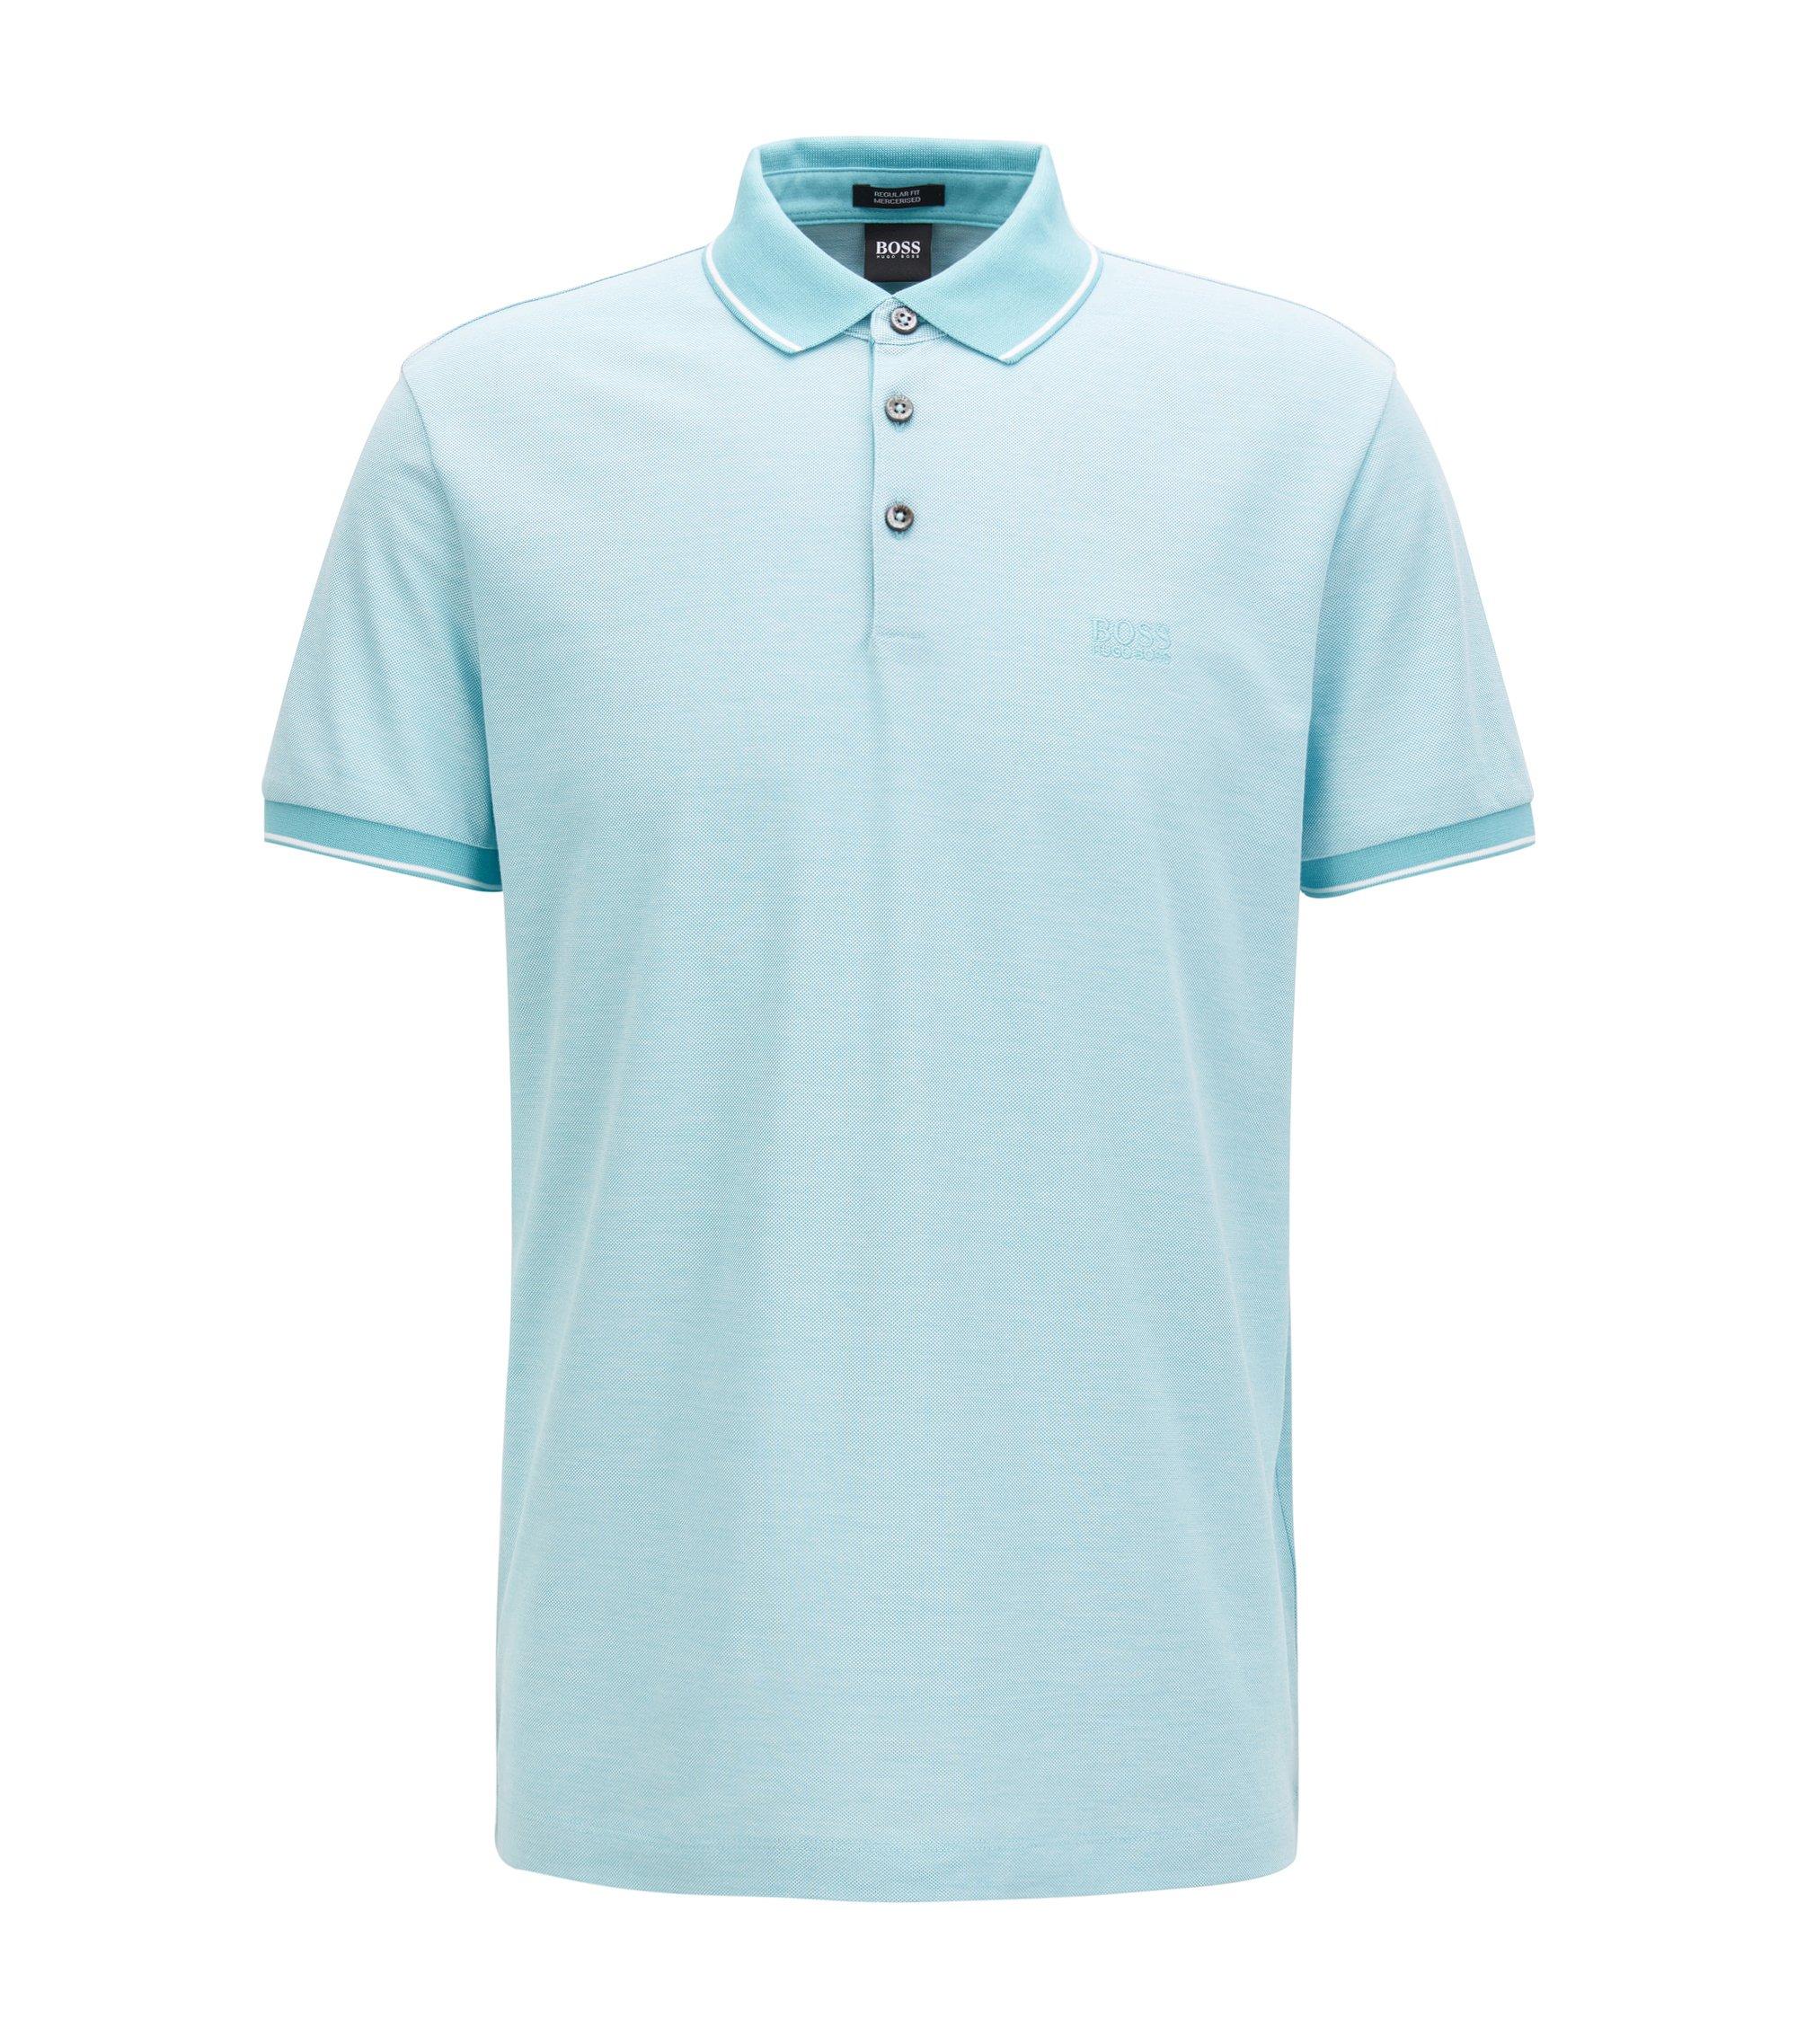 Regular-Fit Poloshirt aus merzerisierter Baumwolle, Hellblau